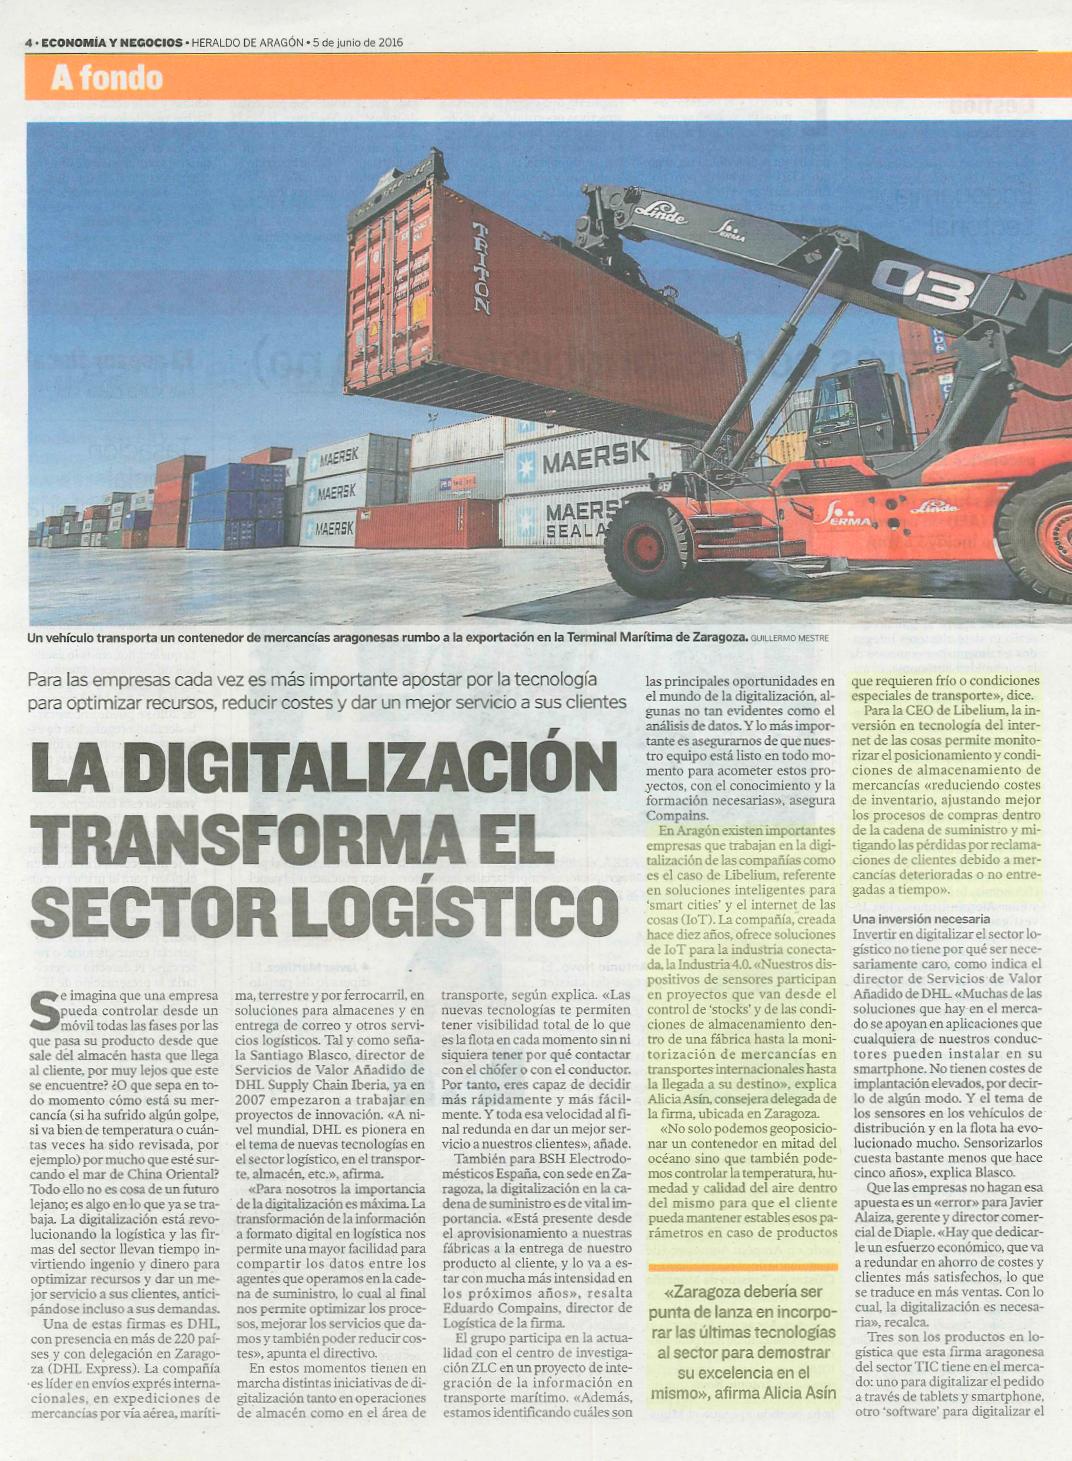 La digitalización transforma el sector logístico